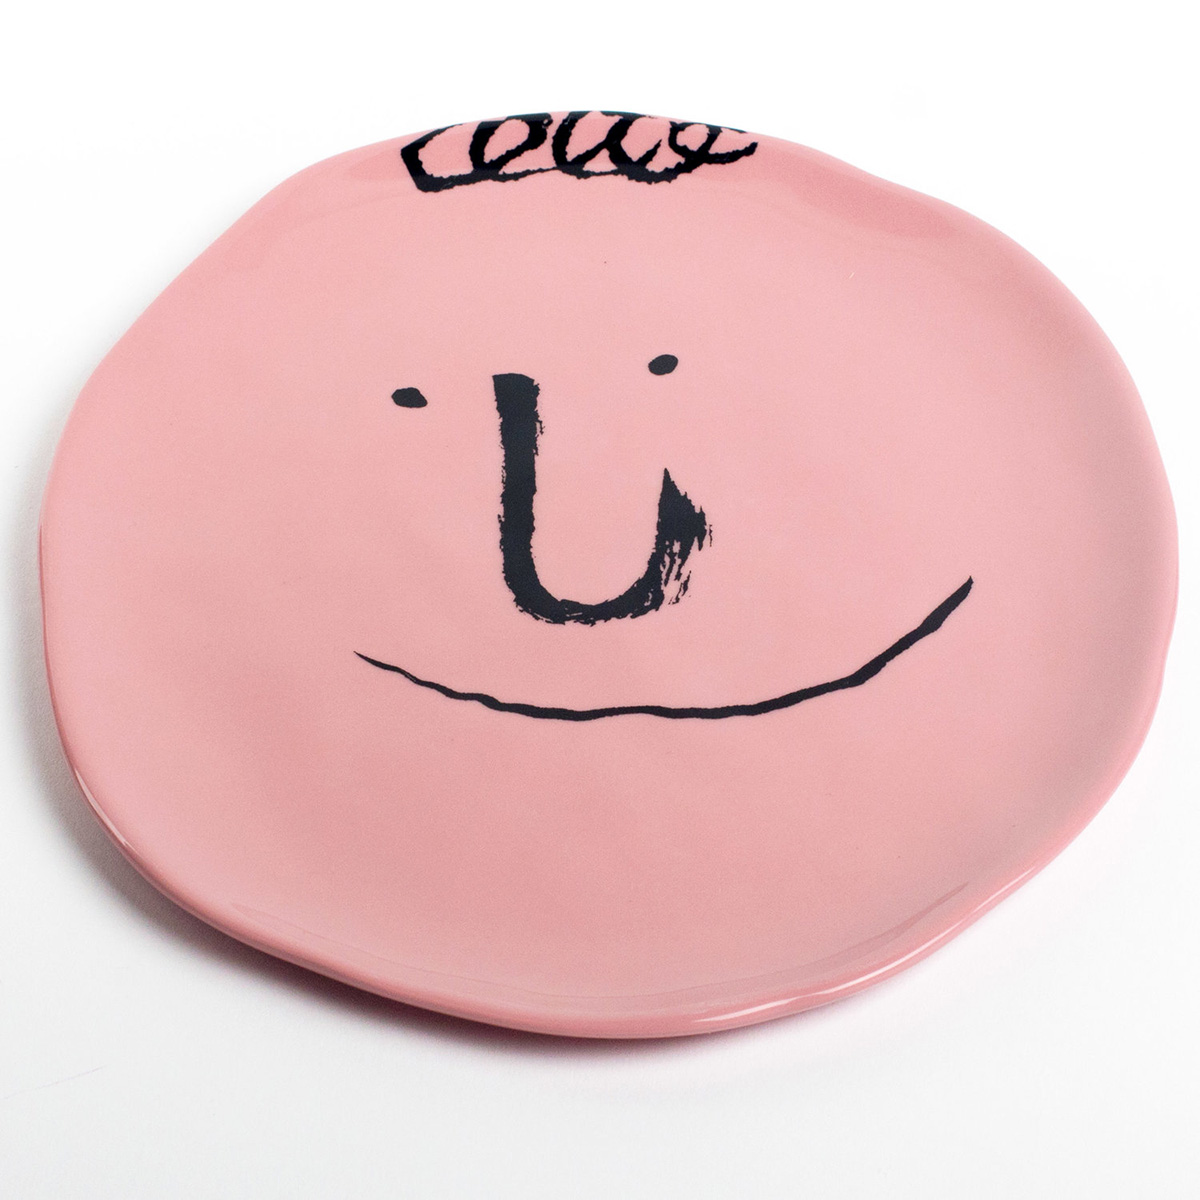 05-face-plates-jean-jullien-case-studyo